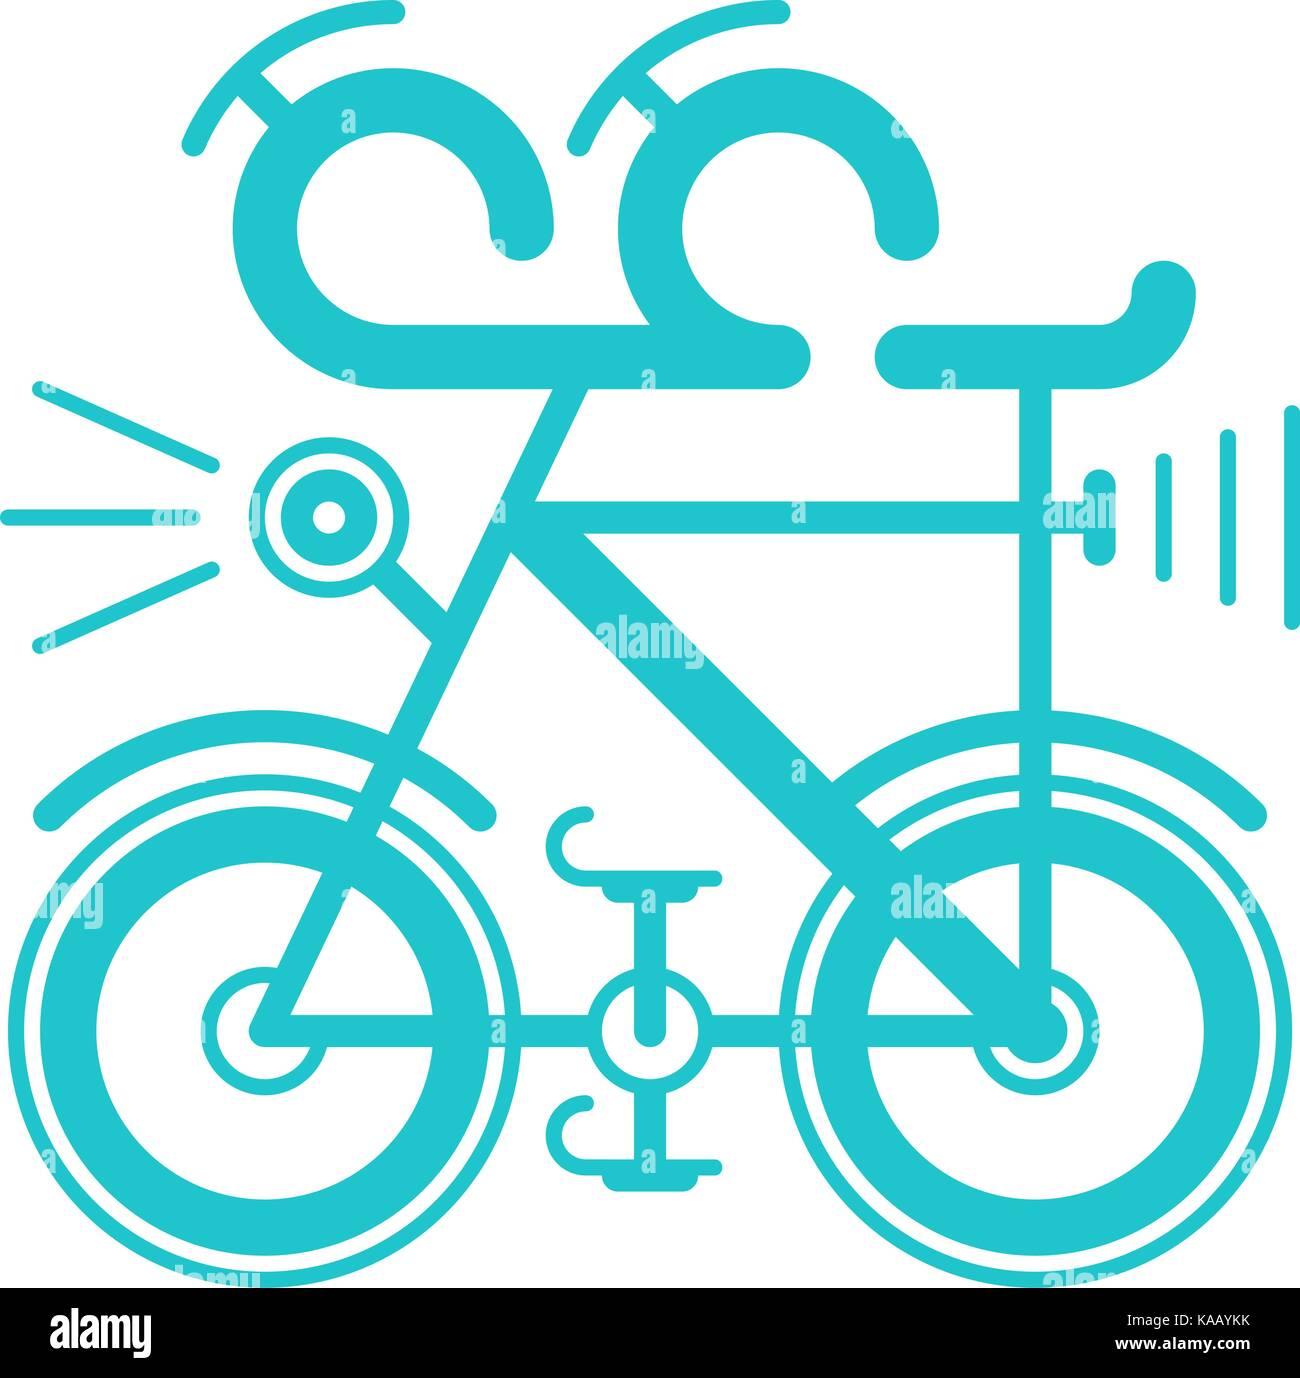 Es in allen ihren Designs verwenden. Eine Farbe Fahrrad Symbol im ...